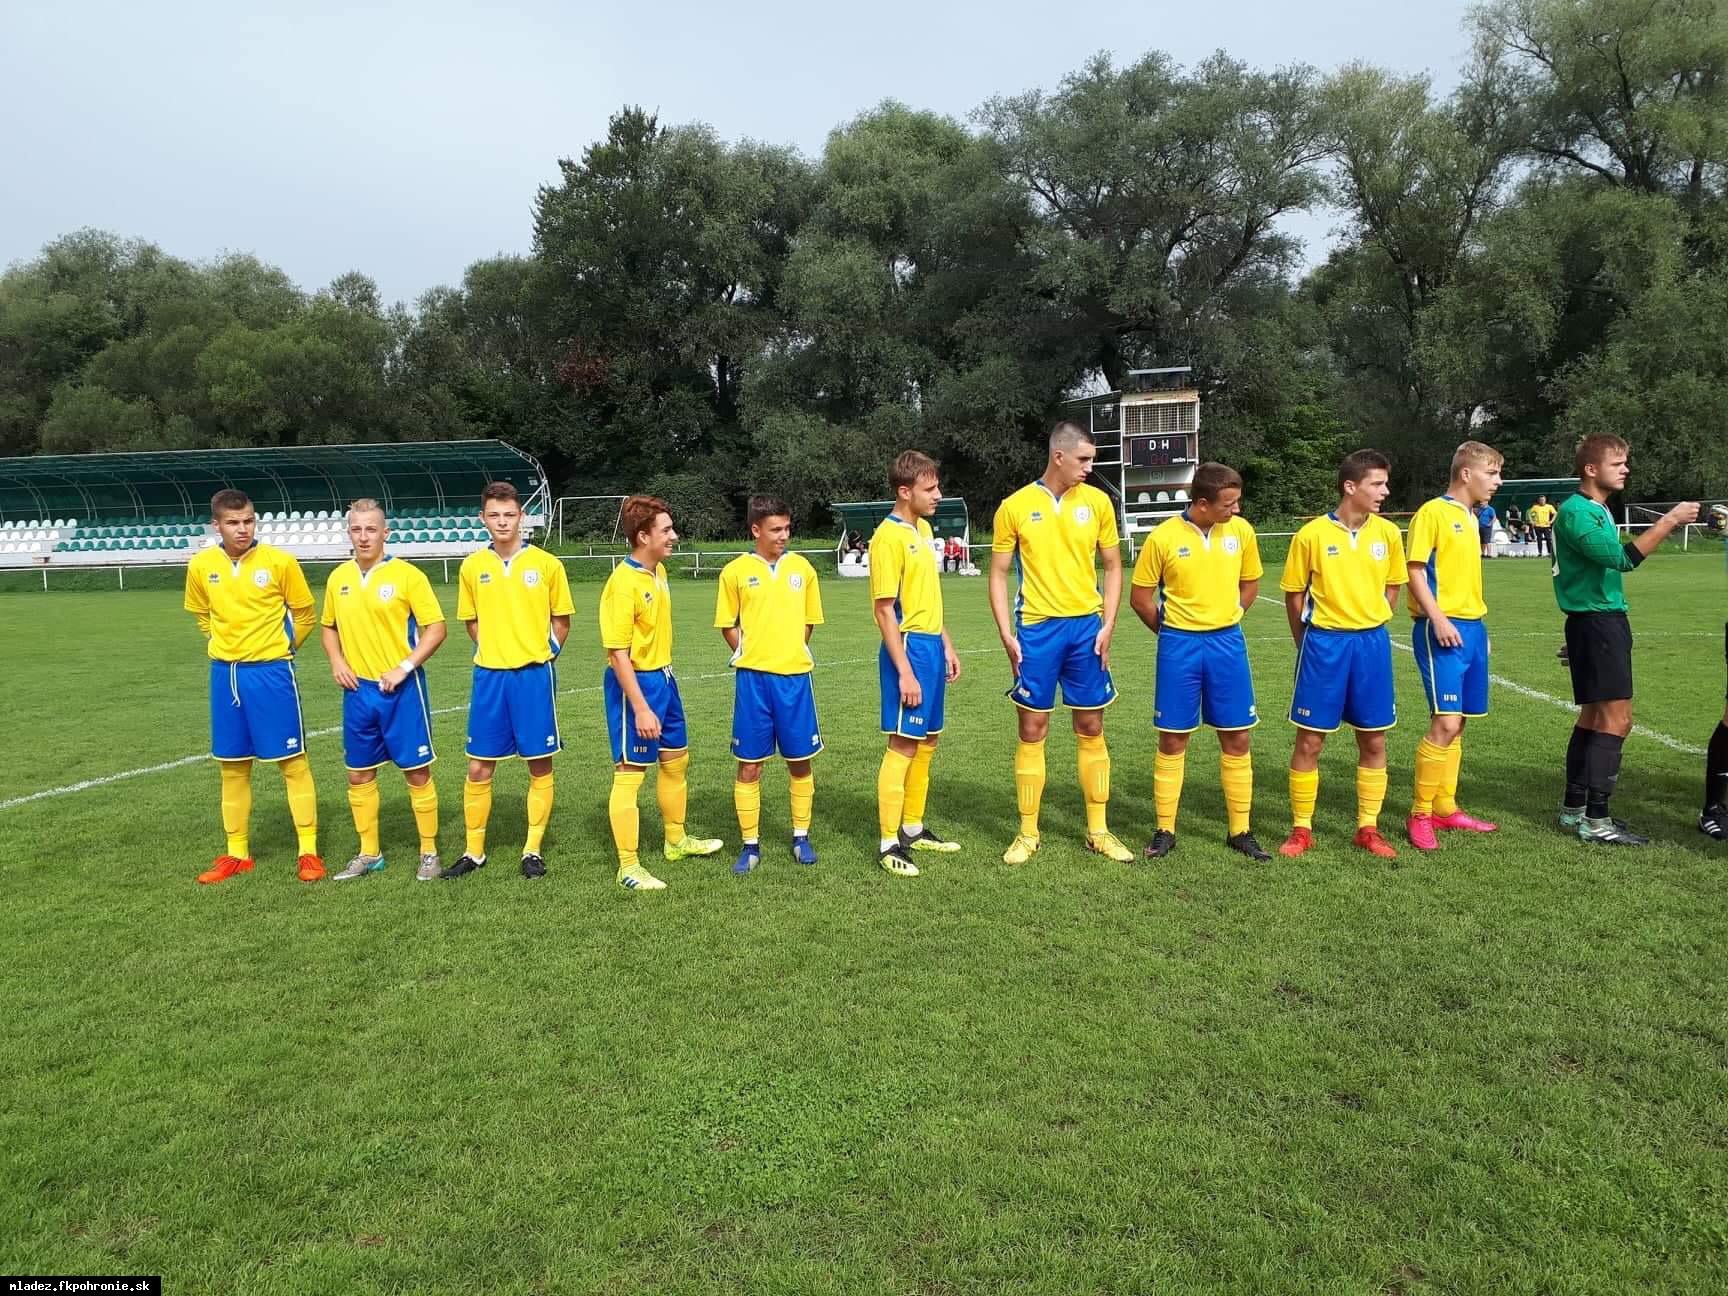 U19: Víťazný vstup do novej súťažnej sezóny